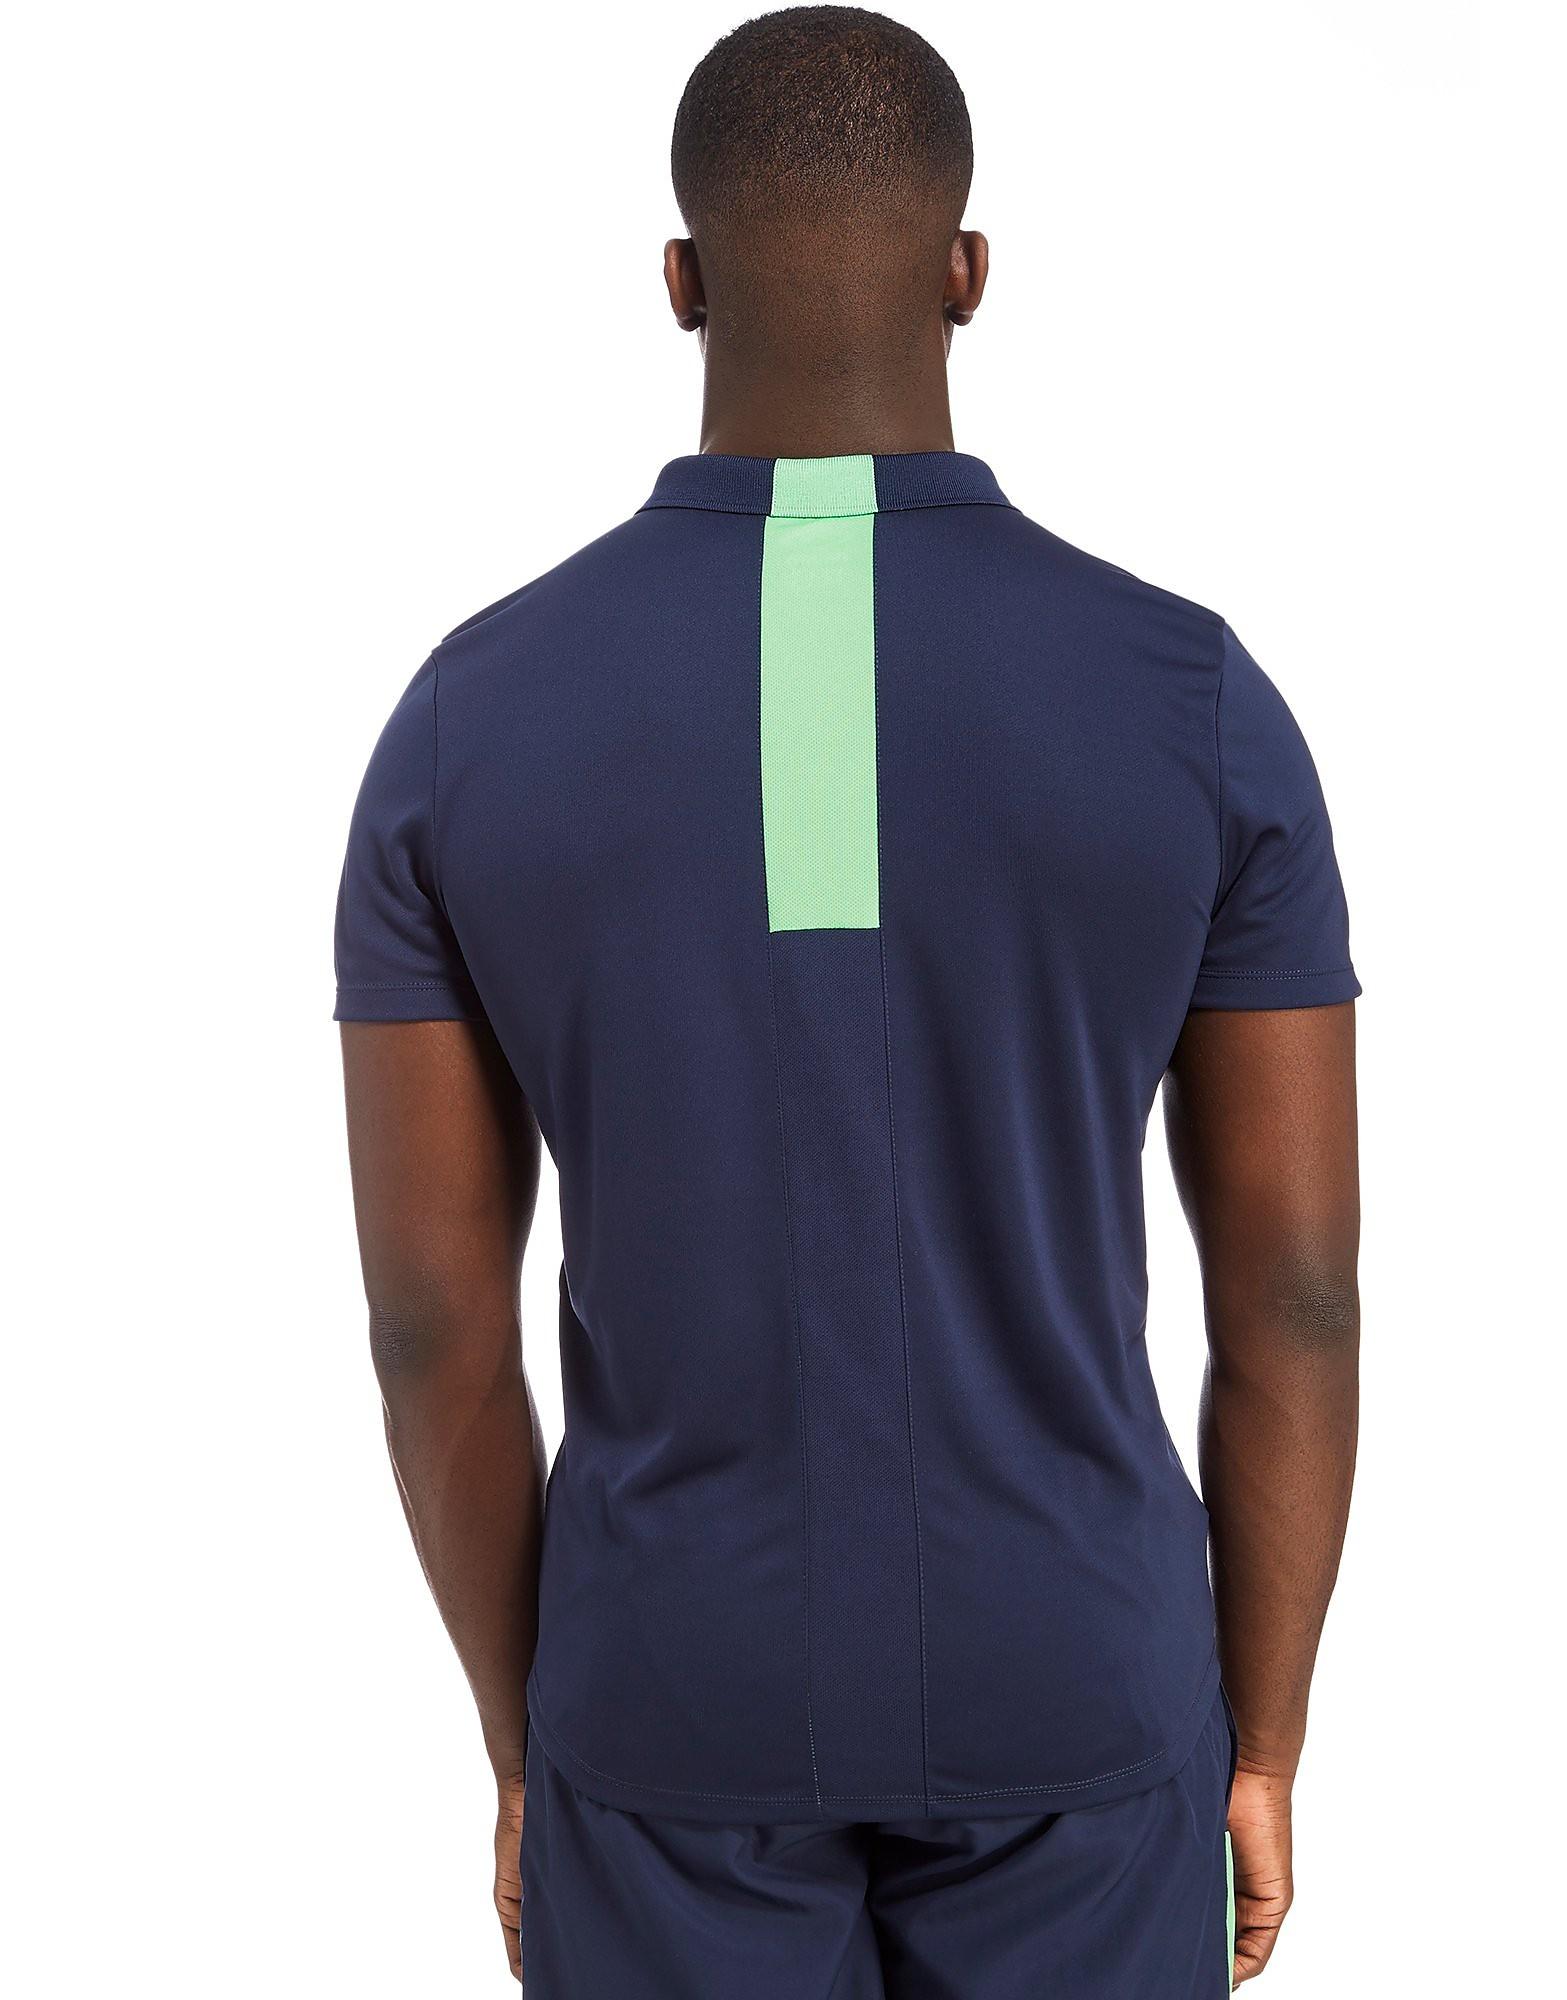 Umbro Republic of Ireland Polo Shirt